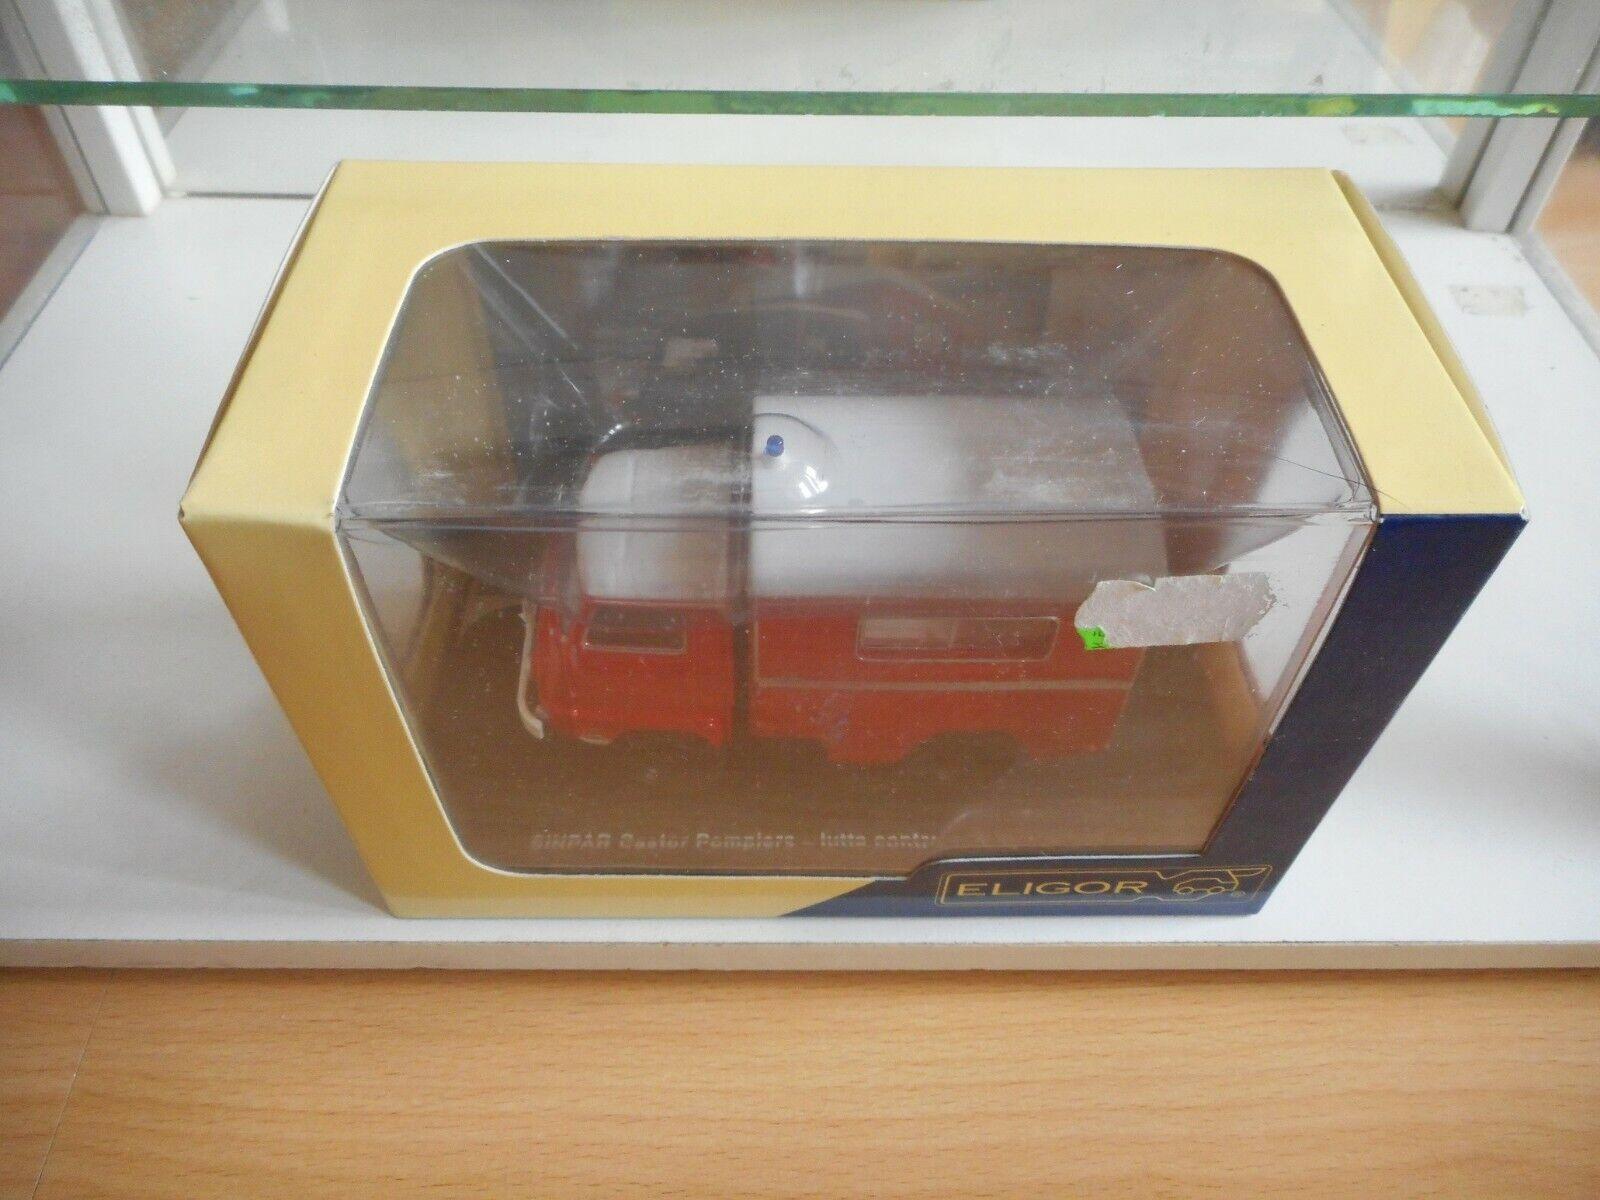 Eligor Sinpar Castor Pompiers in rojo blanco on 1 43 in Box